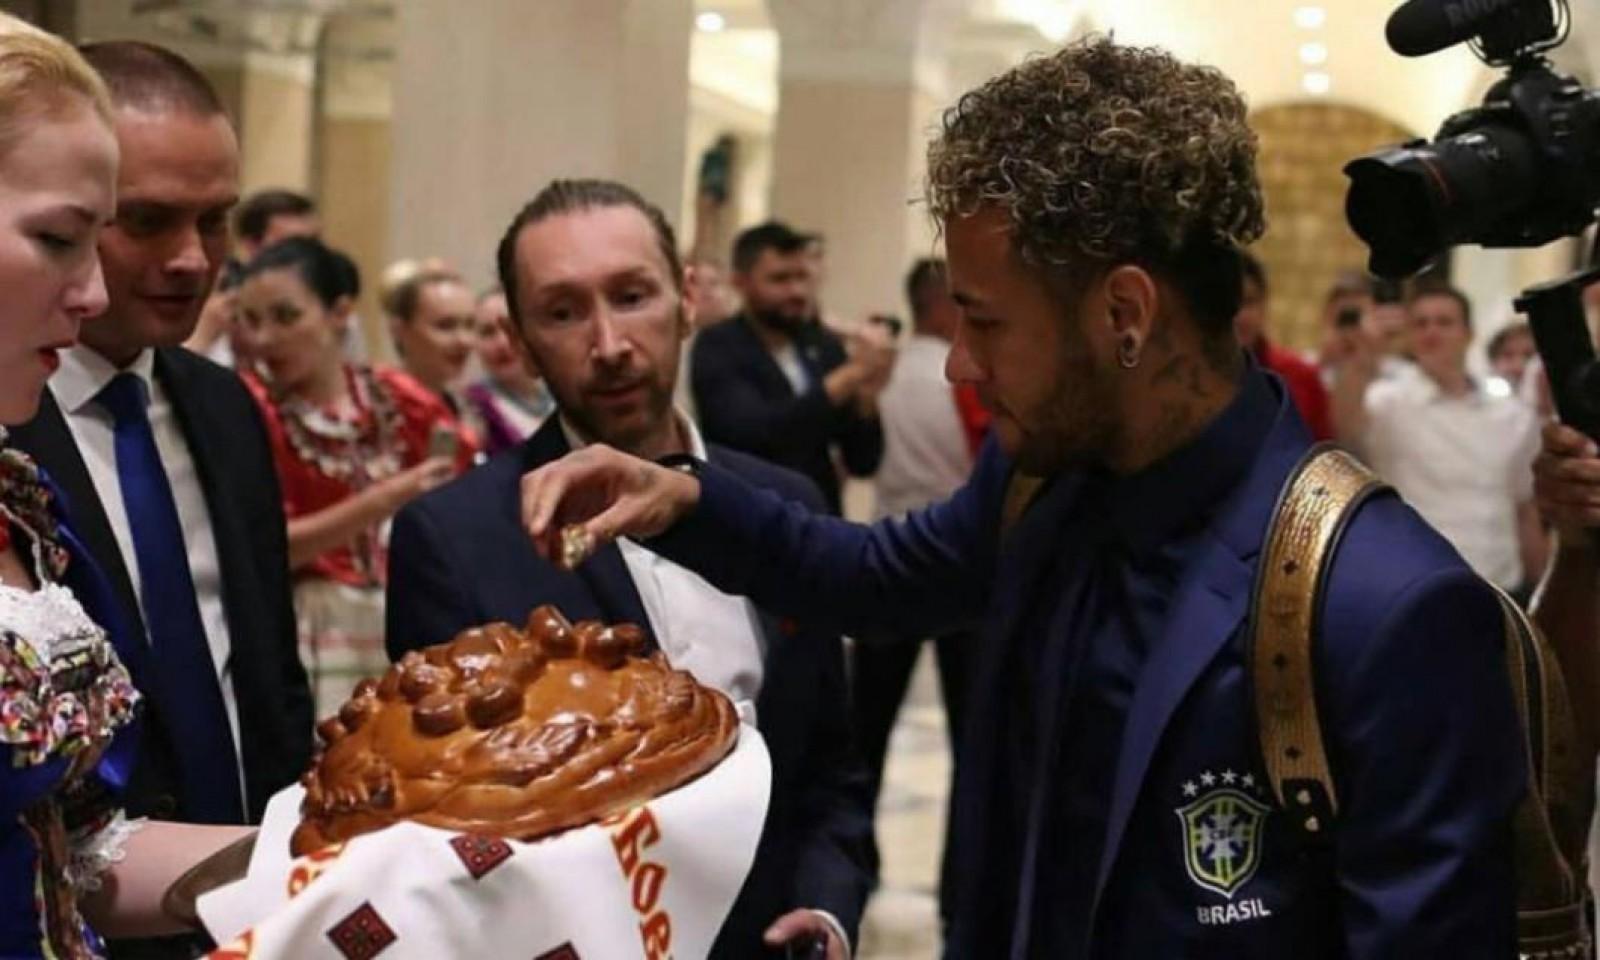 (video) Naționala Braziliei a fost primită cu pâine și sare în Rusia! Neymar, Coutinho și compania se vor antrena la Soci